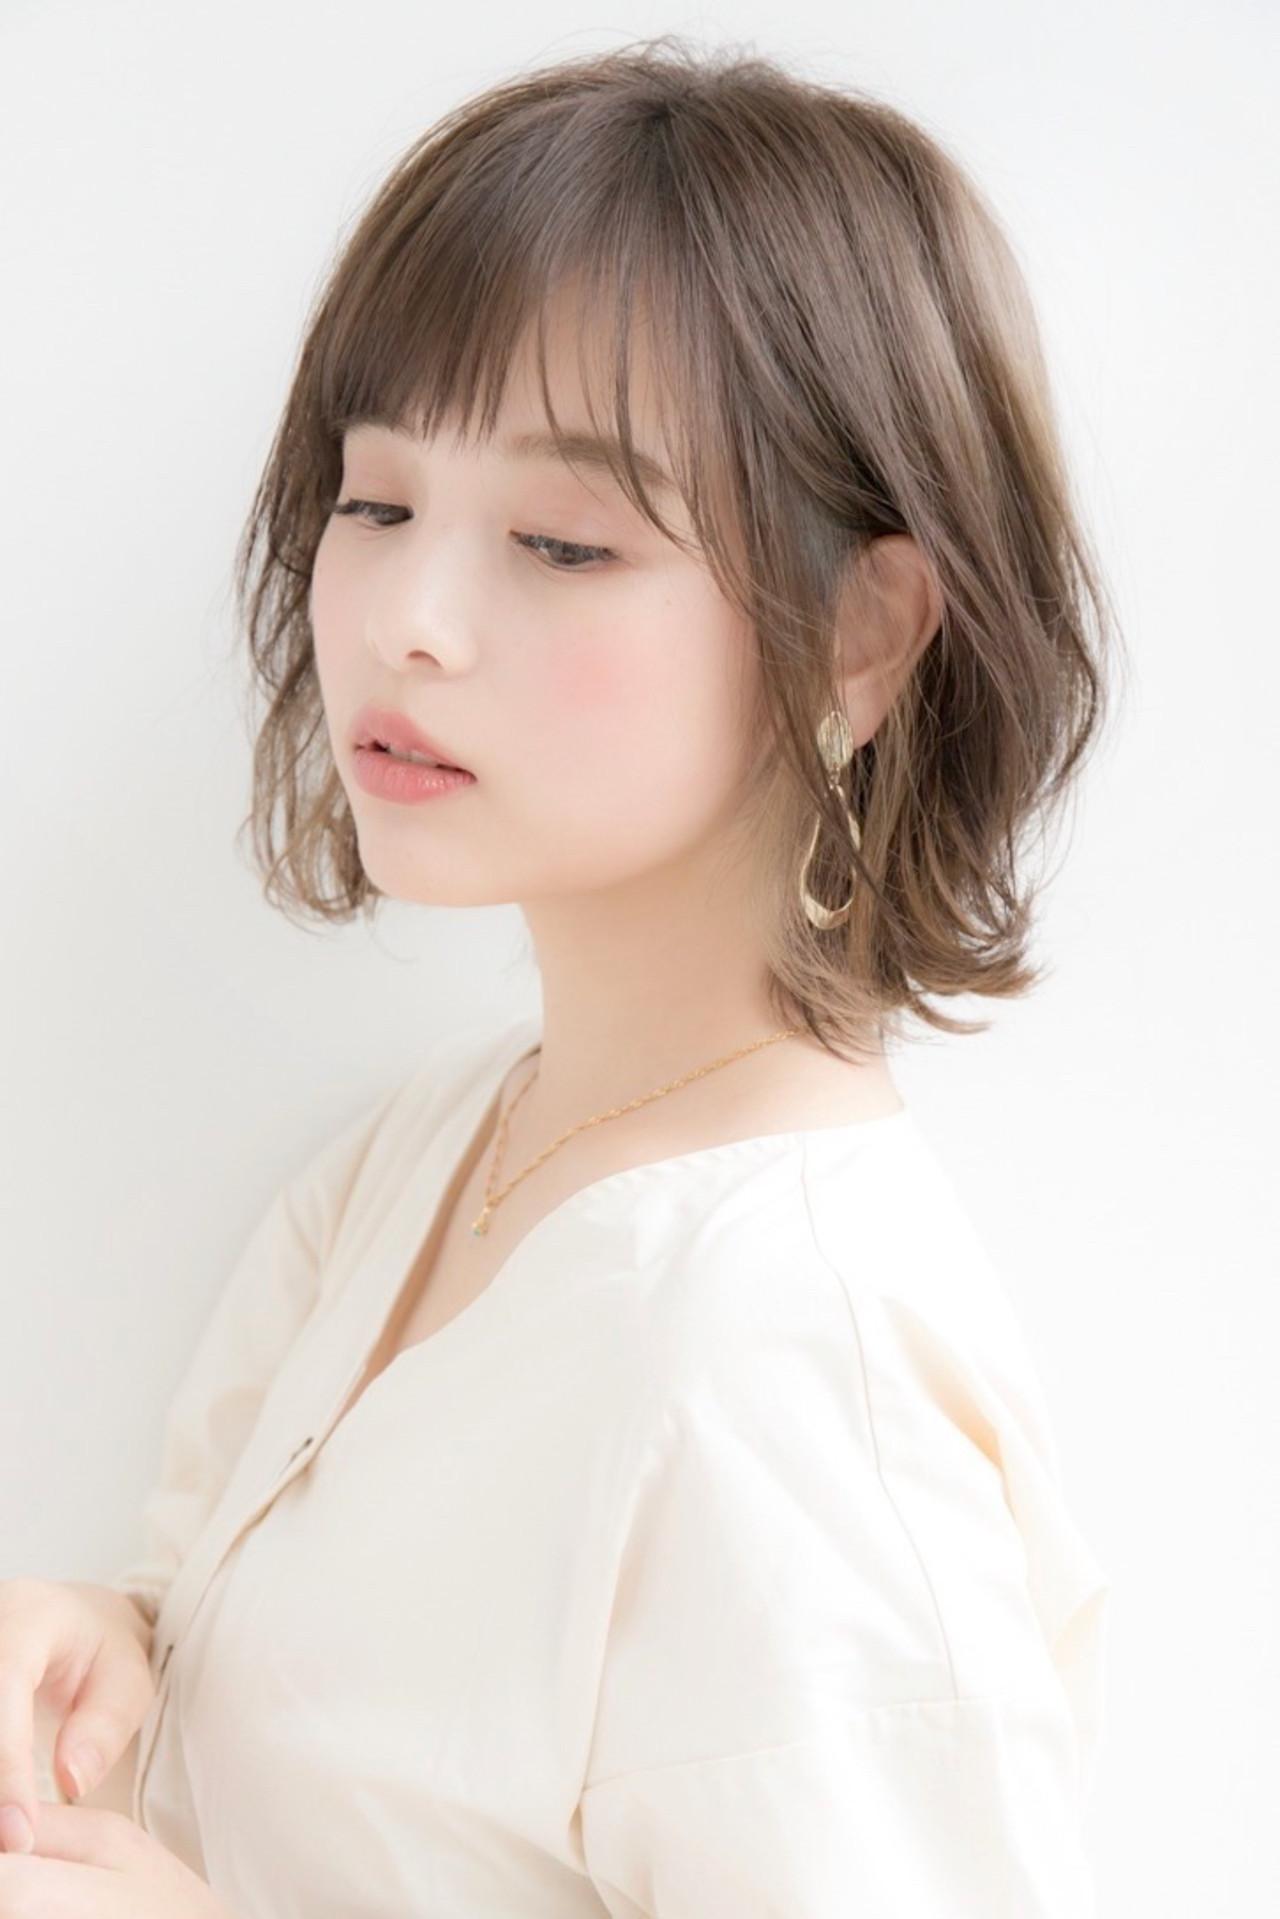 小顔ヘア 大人かわいい ミディアム レイヤースタイル ヘアスタイルや髪型の写真・画像